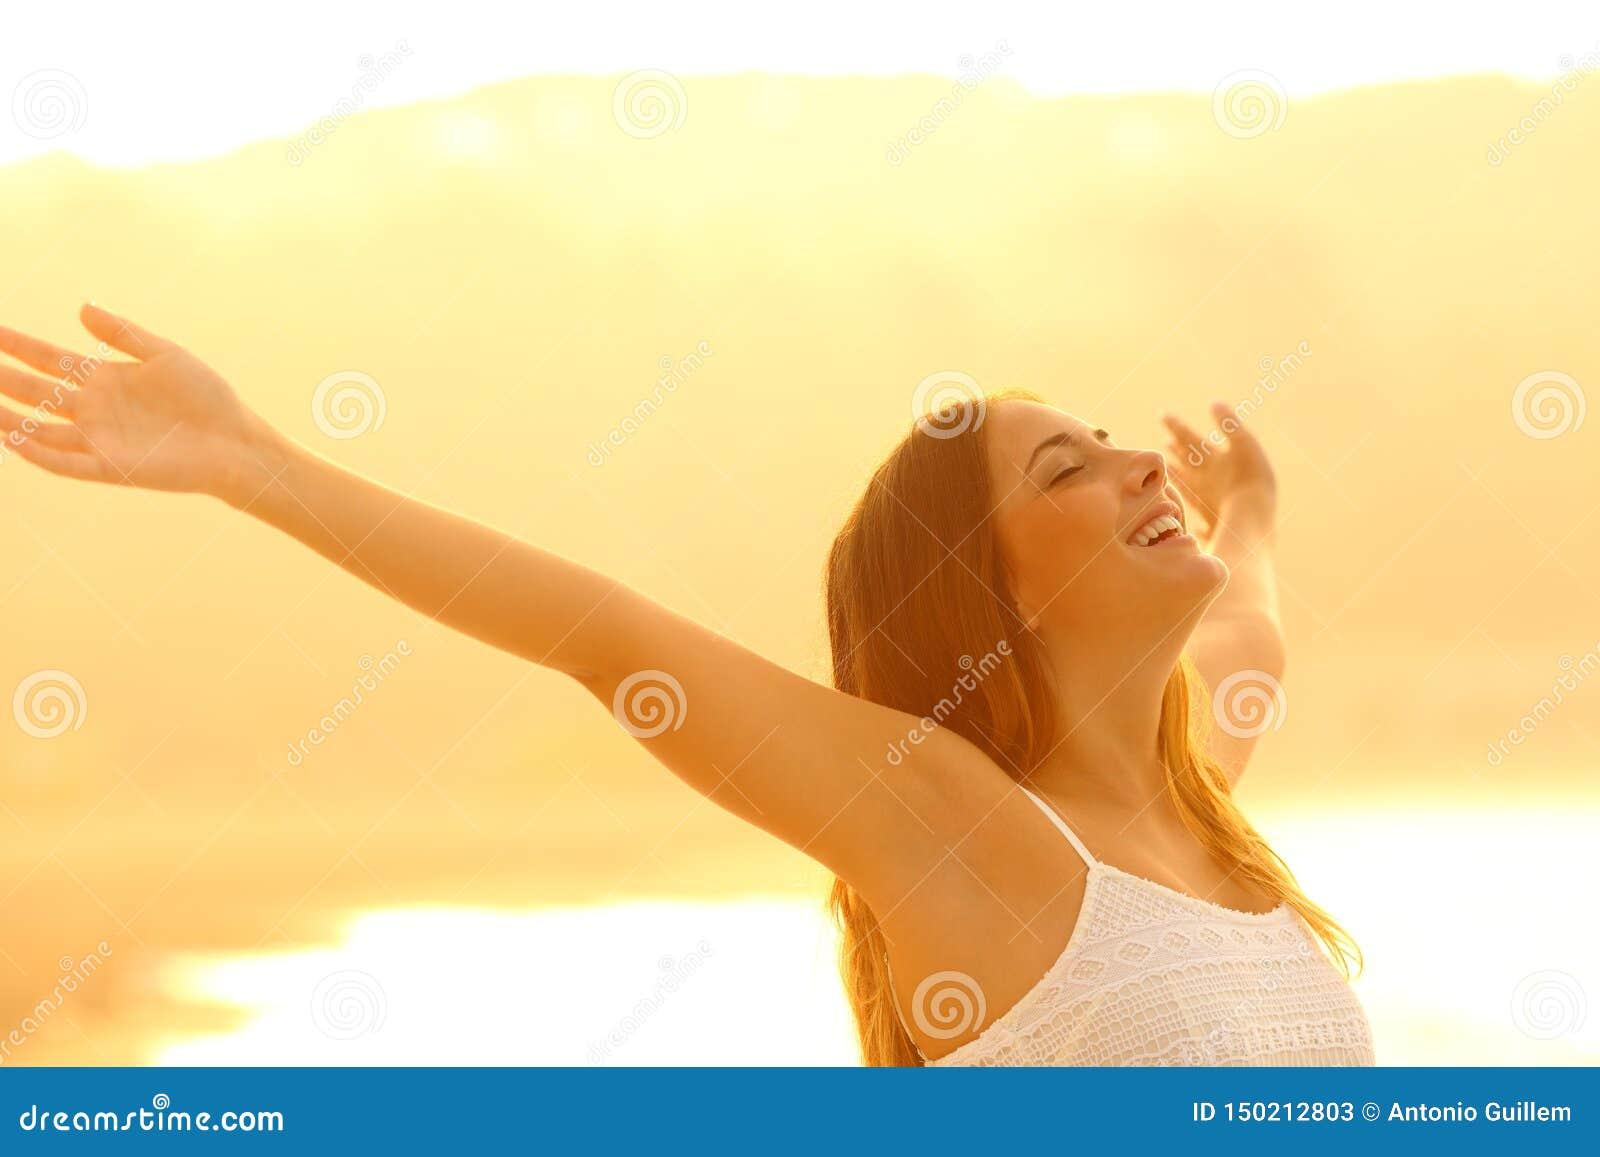 Ευτυχές γυναικών οπλίζει το καθαρό αέρα αναπνοής στο ηλιοβασίλεμα